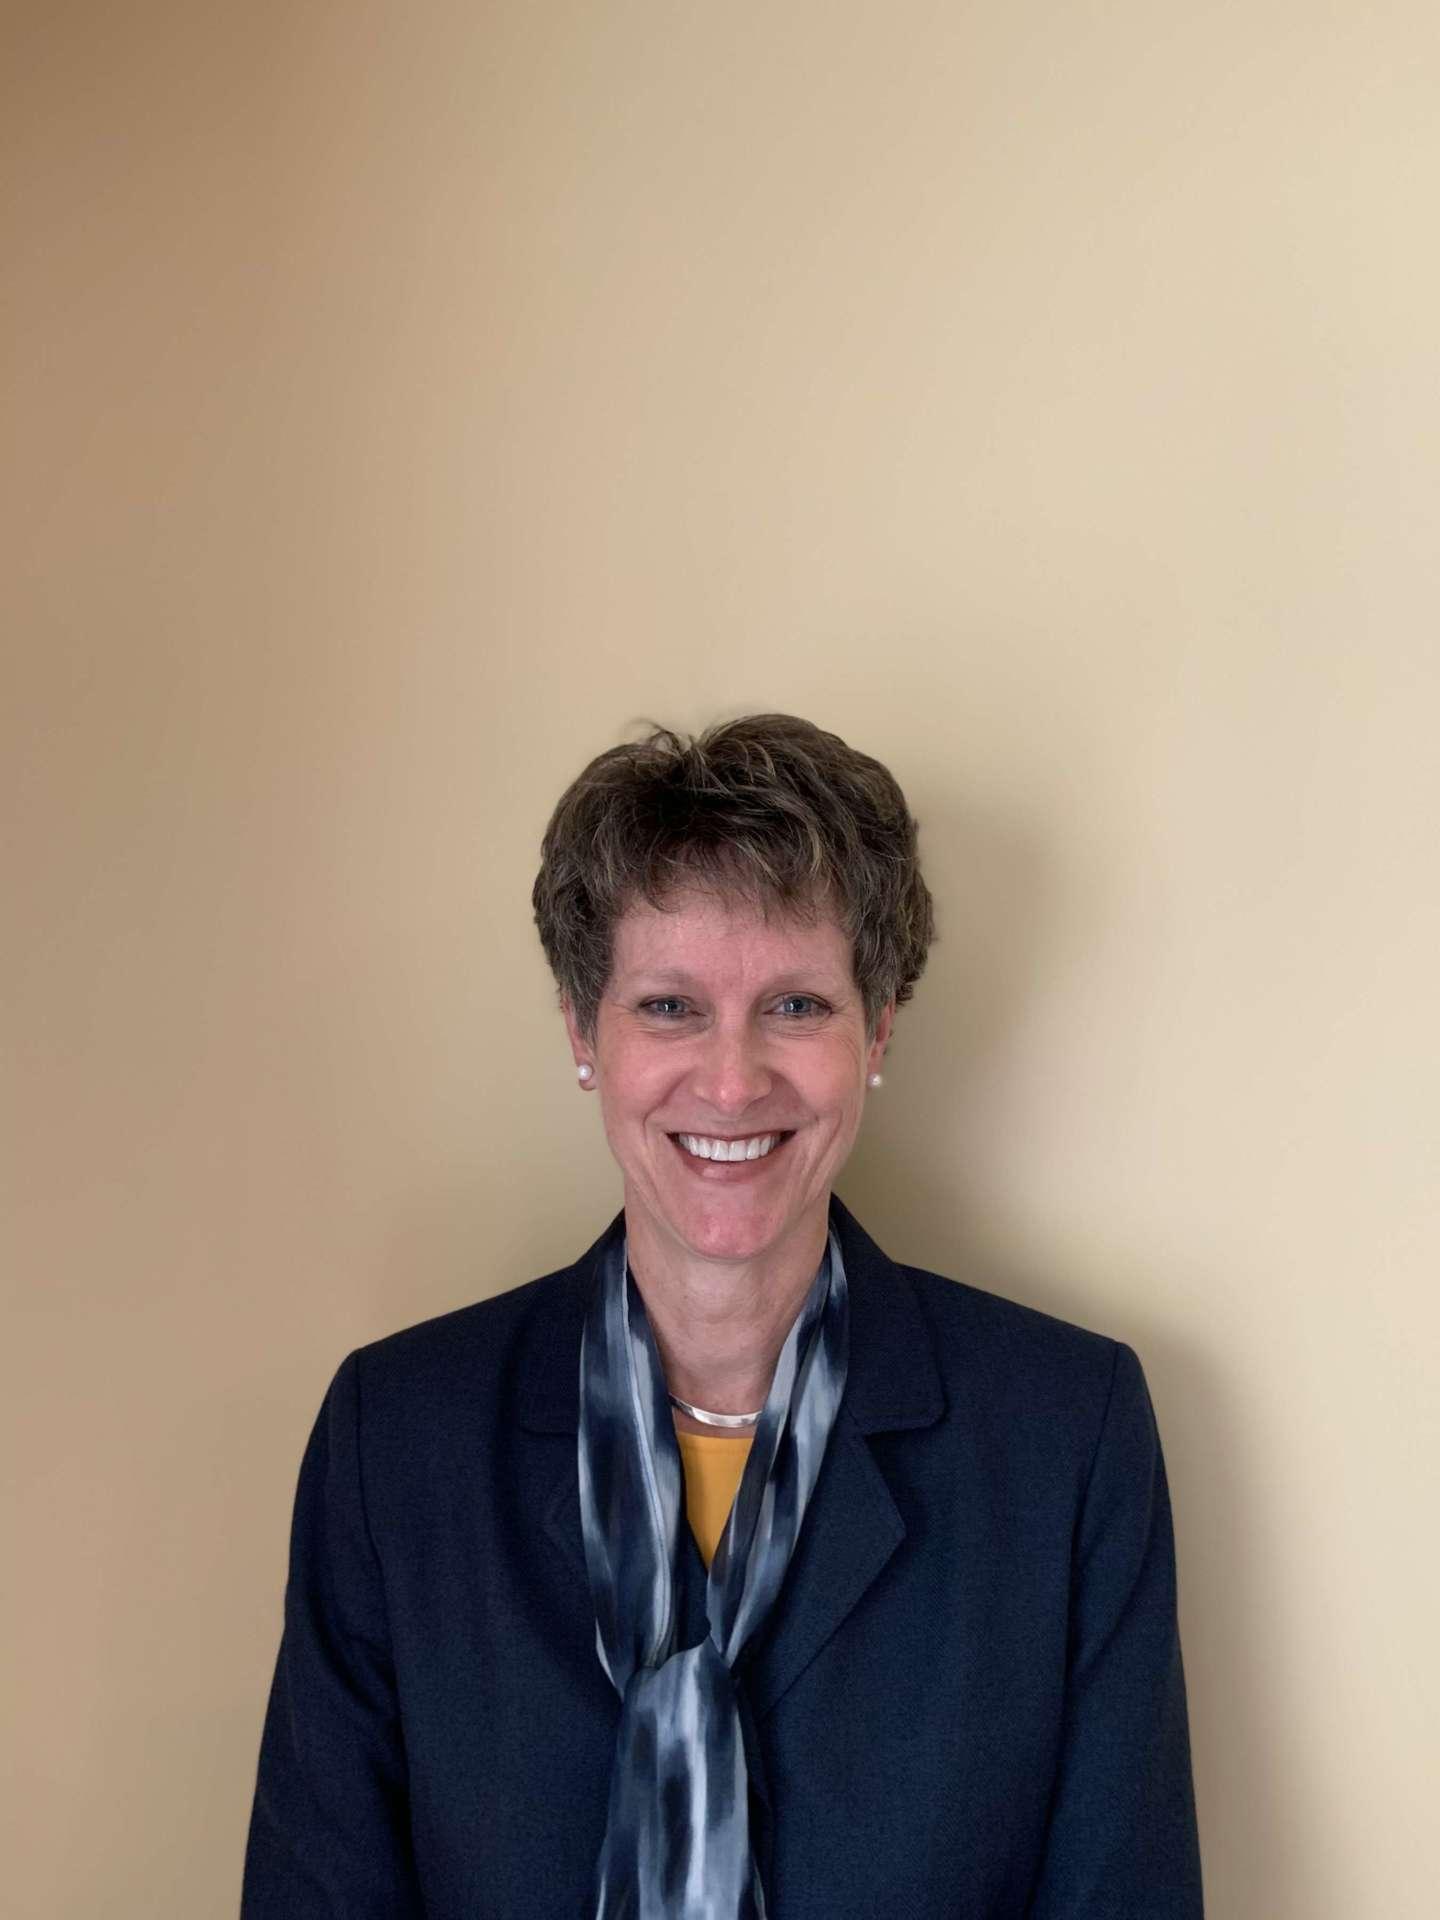 Dr. Kelly L. Hart, vice president for enrollment management